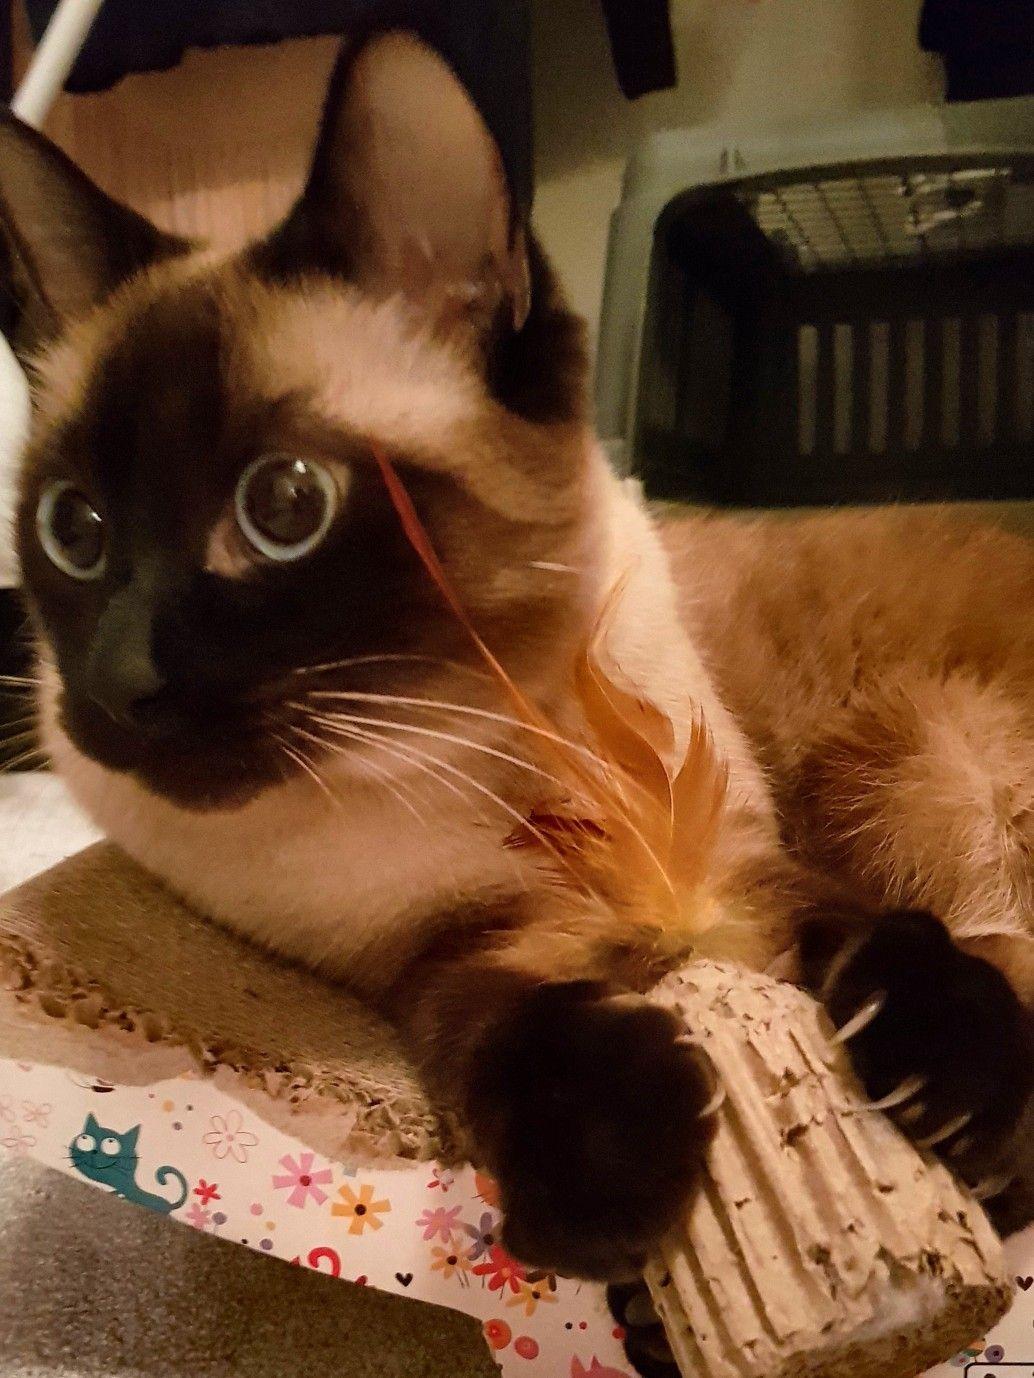 SiameseCat Cat care, Siamese cats, Siamese kittens